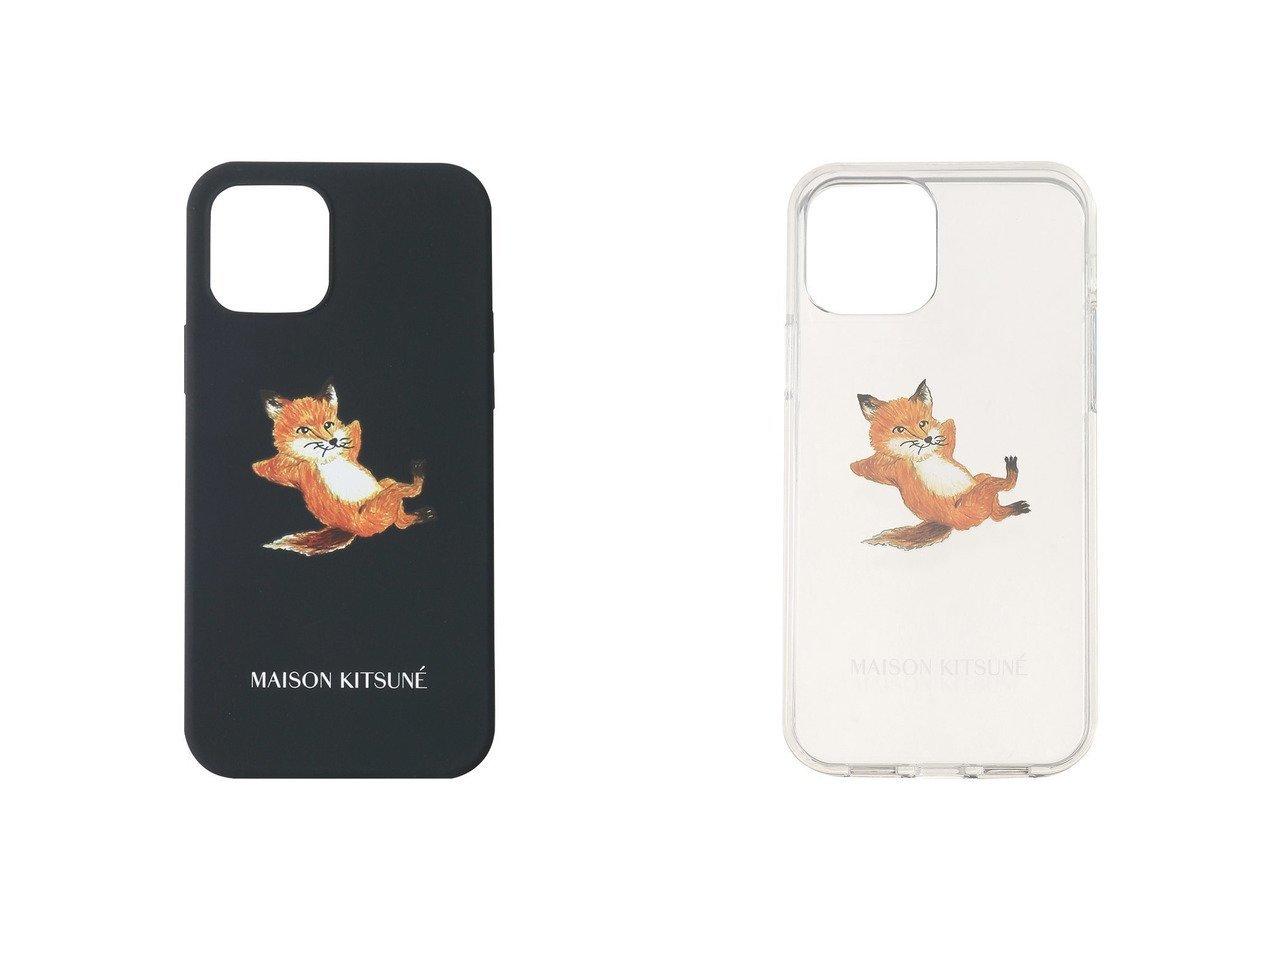 【MAISON KITSUNE/メゾン キツネ】の【UNISEX】CHILLAX FOX IPHONE CASE(iPhone12用)&【UNISEX】CHILLAX FOX TRANSPARENT IPHONE CASE(iPhone12用) おすすめ!人気、トレンド・レディースファッションの通販 おすすめで人気の流行・トレンド、ファッションの通販商品 メンズファッション・キッズファッション・インテリア・家具・レディースファッション・服の通販 founy(ファニー) https://founy.com/ ファッション Fashion レディースファッション WOMEN 2021年 2021 2021春夏・S/S SS/Spring/Summer/2021 S/S・春夏 SS・Spring/Summer UNISEX おすすめ Recommend シンプル モチーフ 春 Spring  ID:crp329100000025726